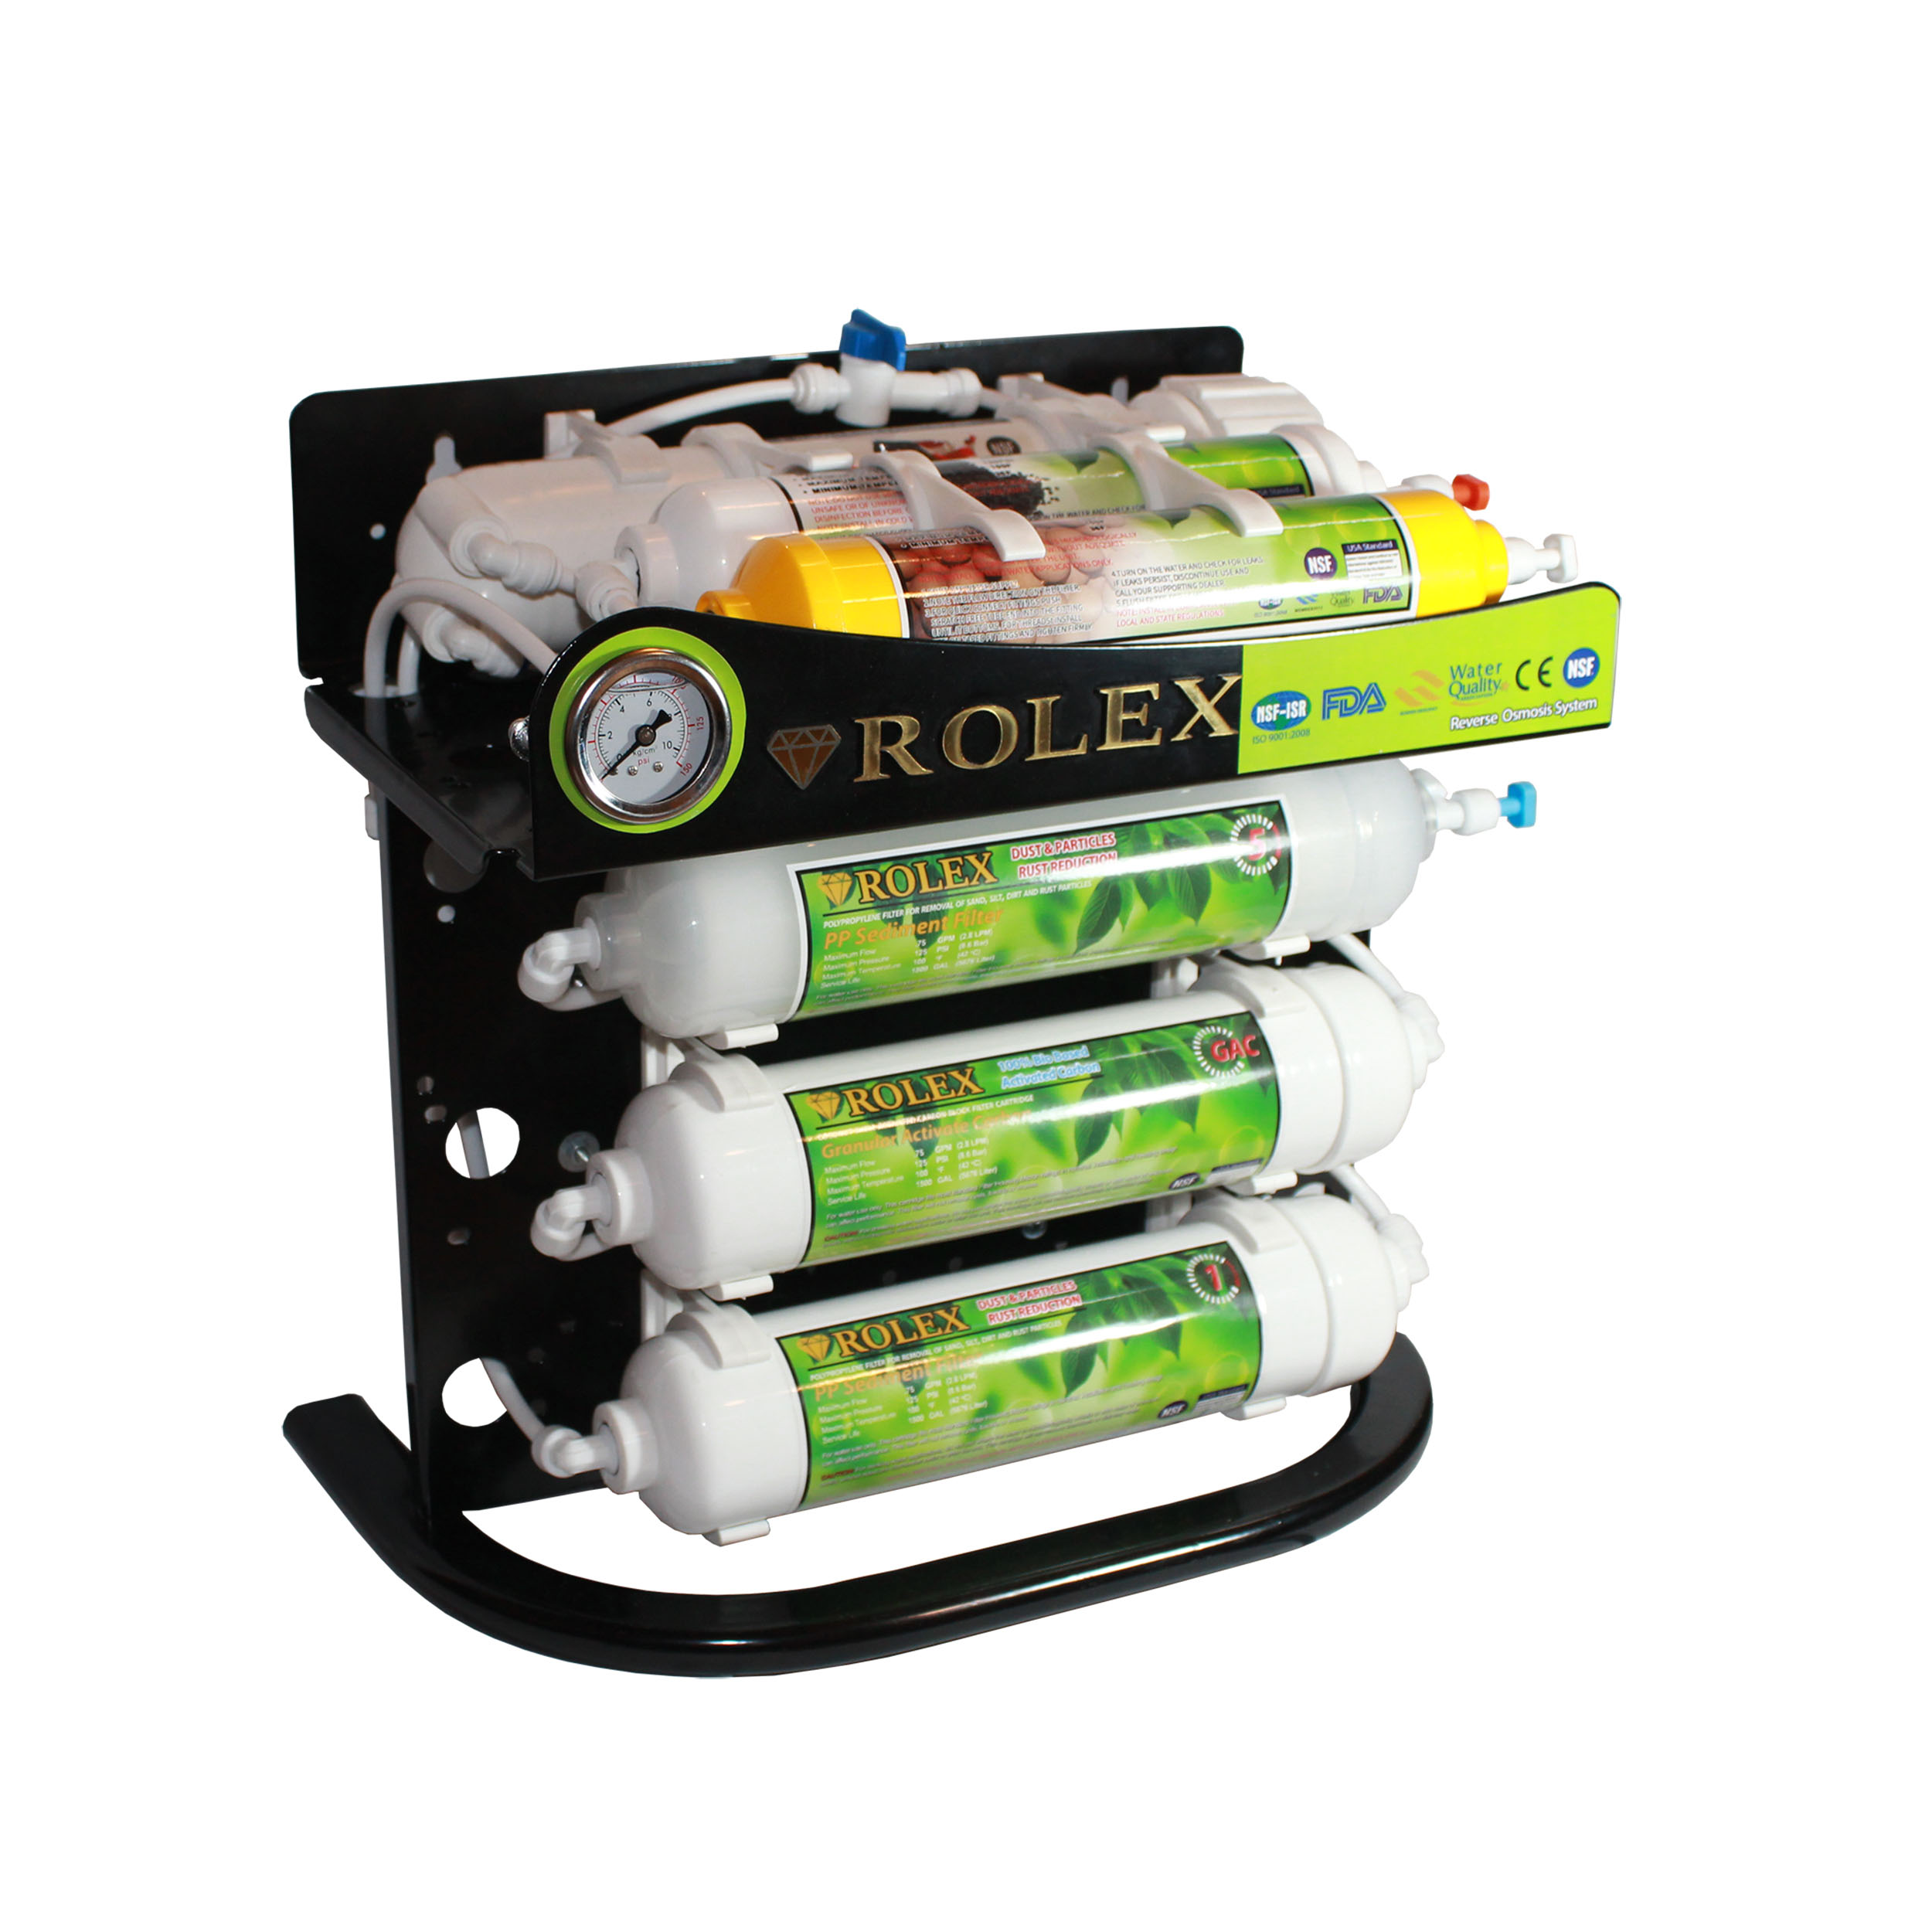 دستگاه تصفیه کننده آب خانگی رولکس مدل RO-B6